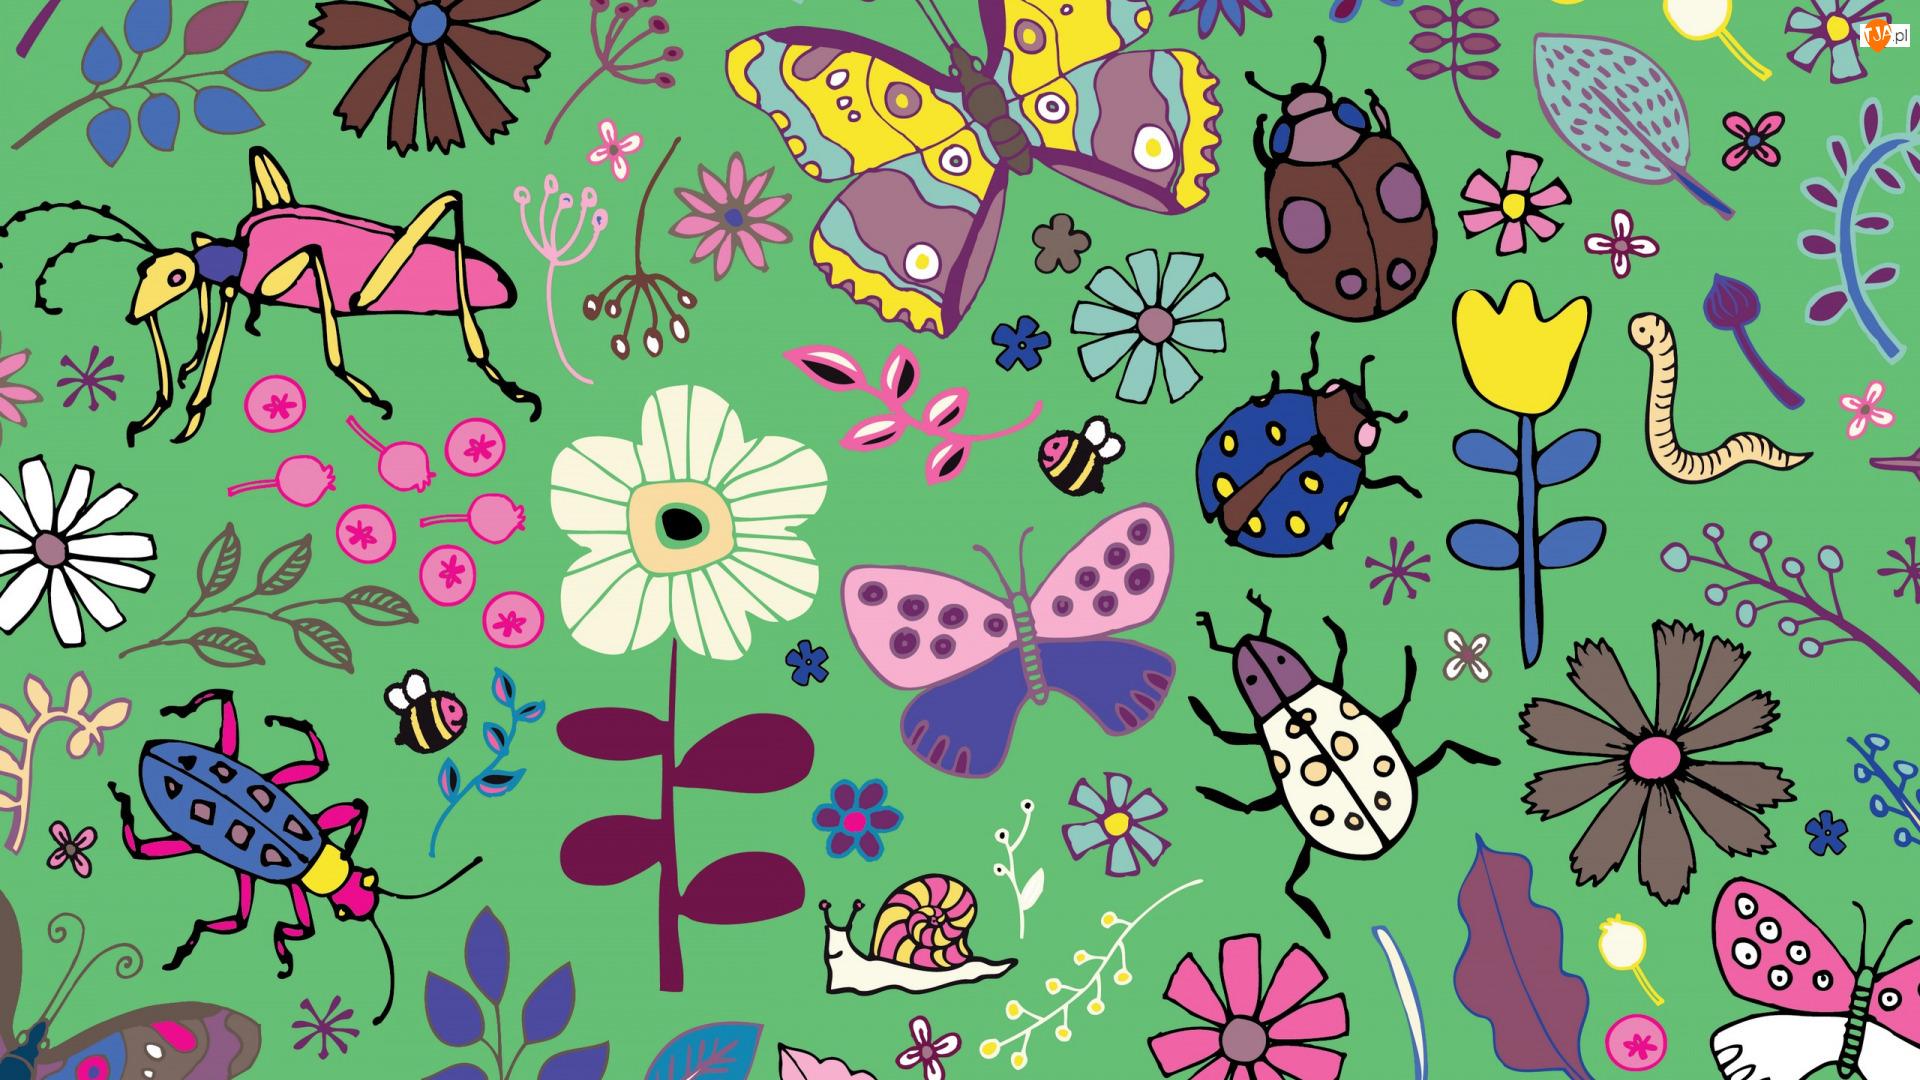 Tekstura, Motyle, Chrząszcze, Kwiaty